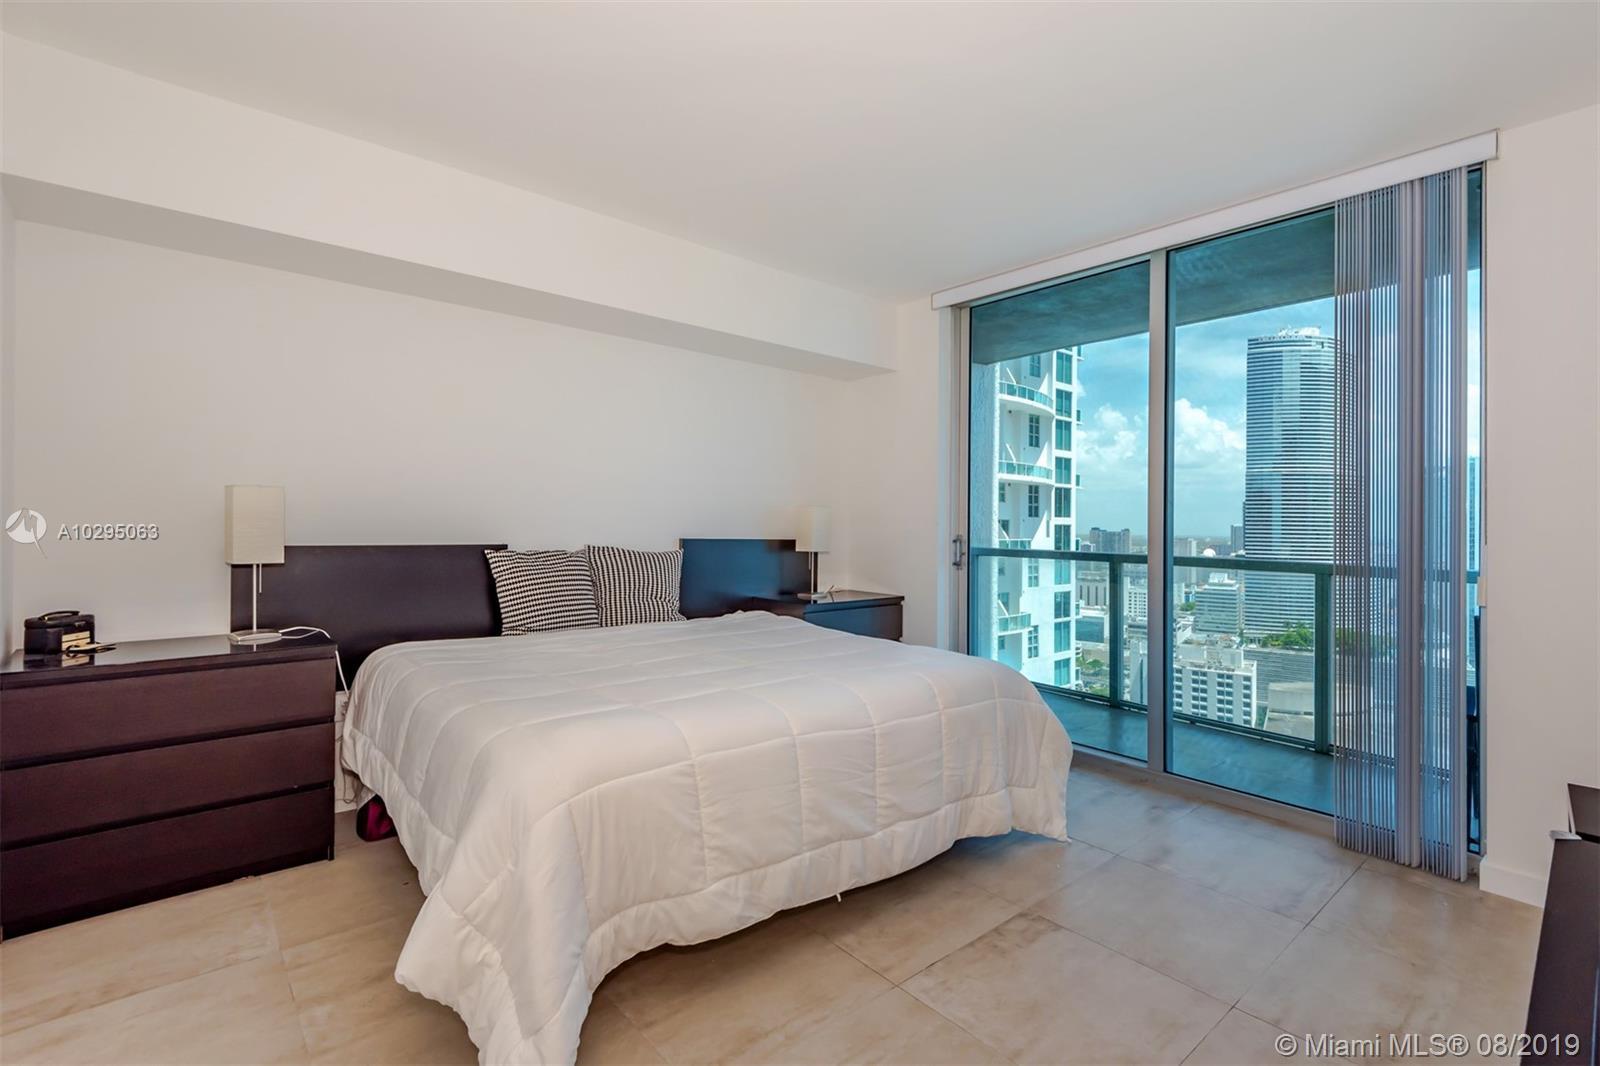 500 Brickell Avenue and 55 SE 6 Street, Miami, FL 33131, 500 Brickell #3003, Brickell, Miami A10295063 image #16